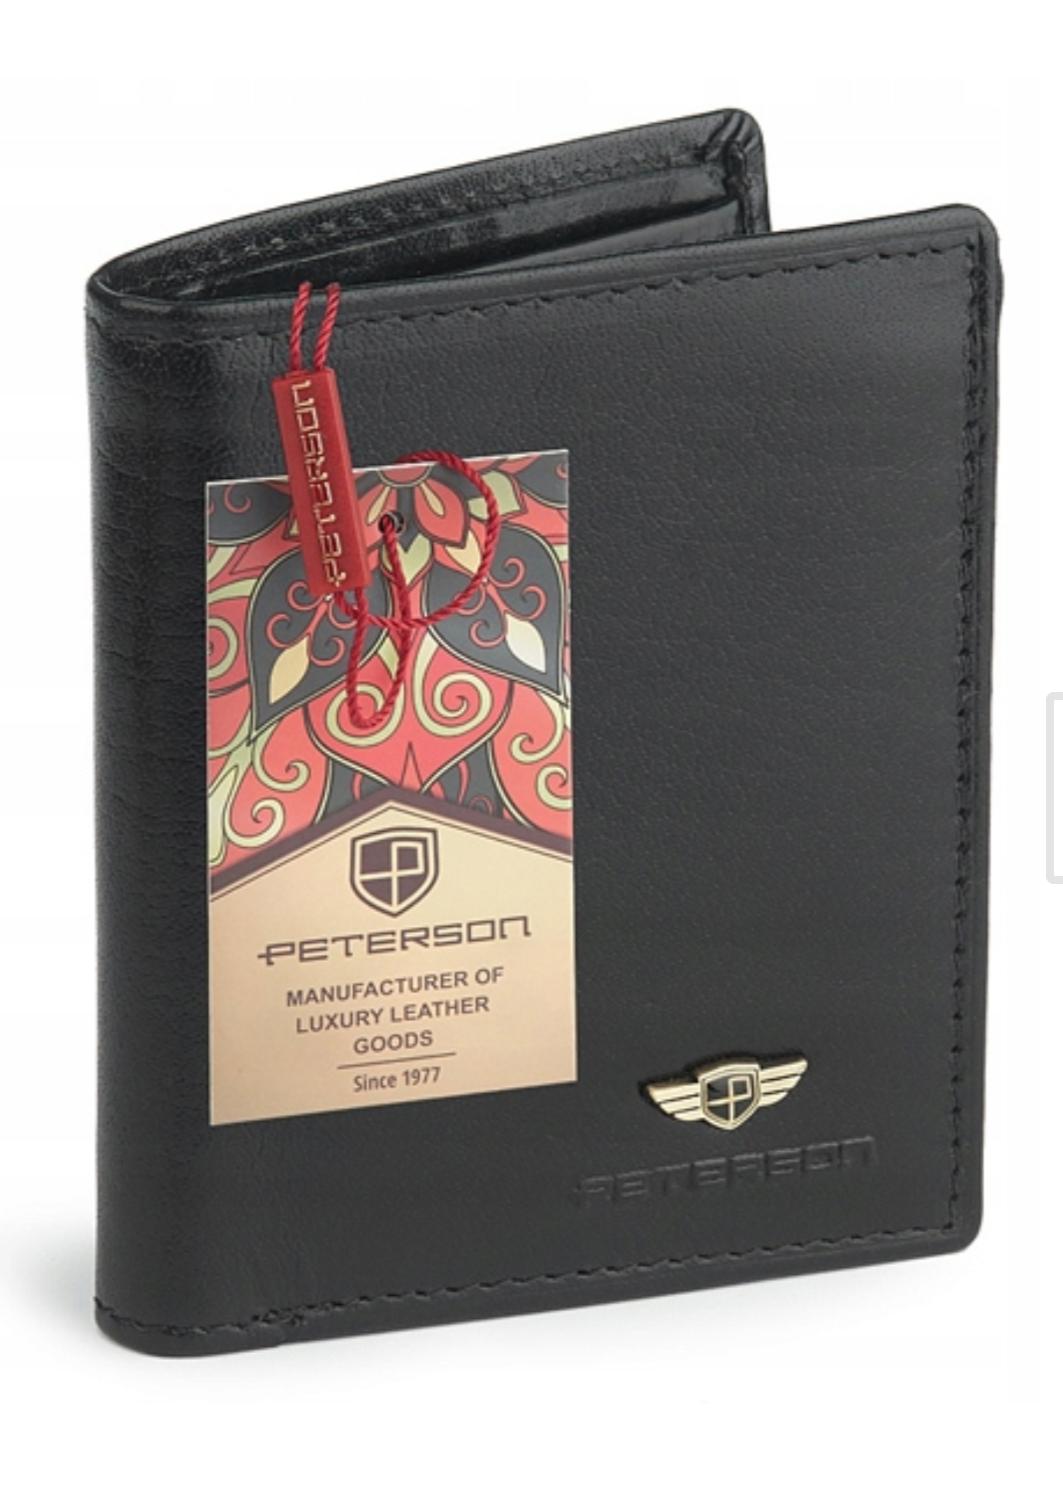 Peterson portfel męski skórzany RFID na Allegro(możliwe 40zł ze Smart)